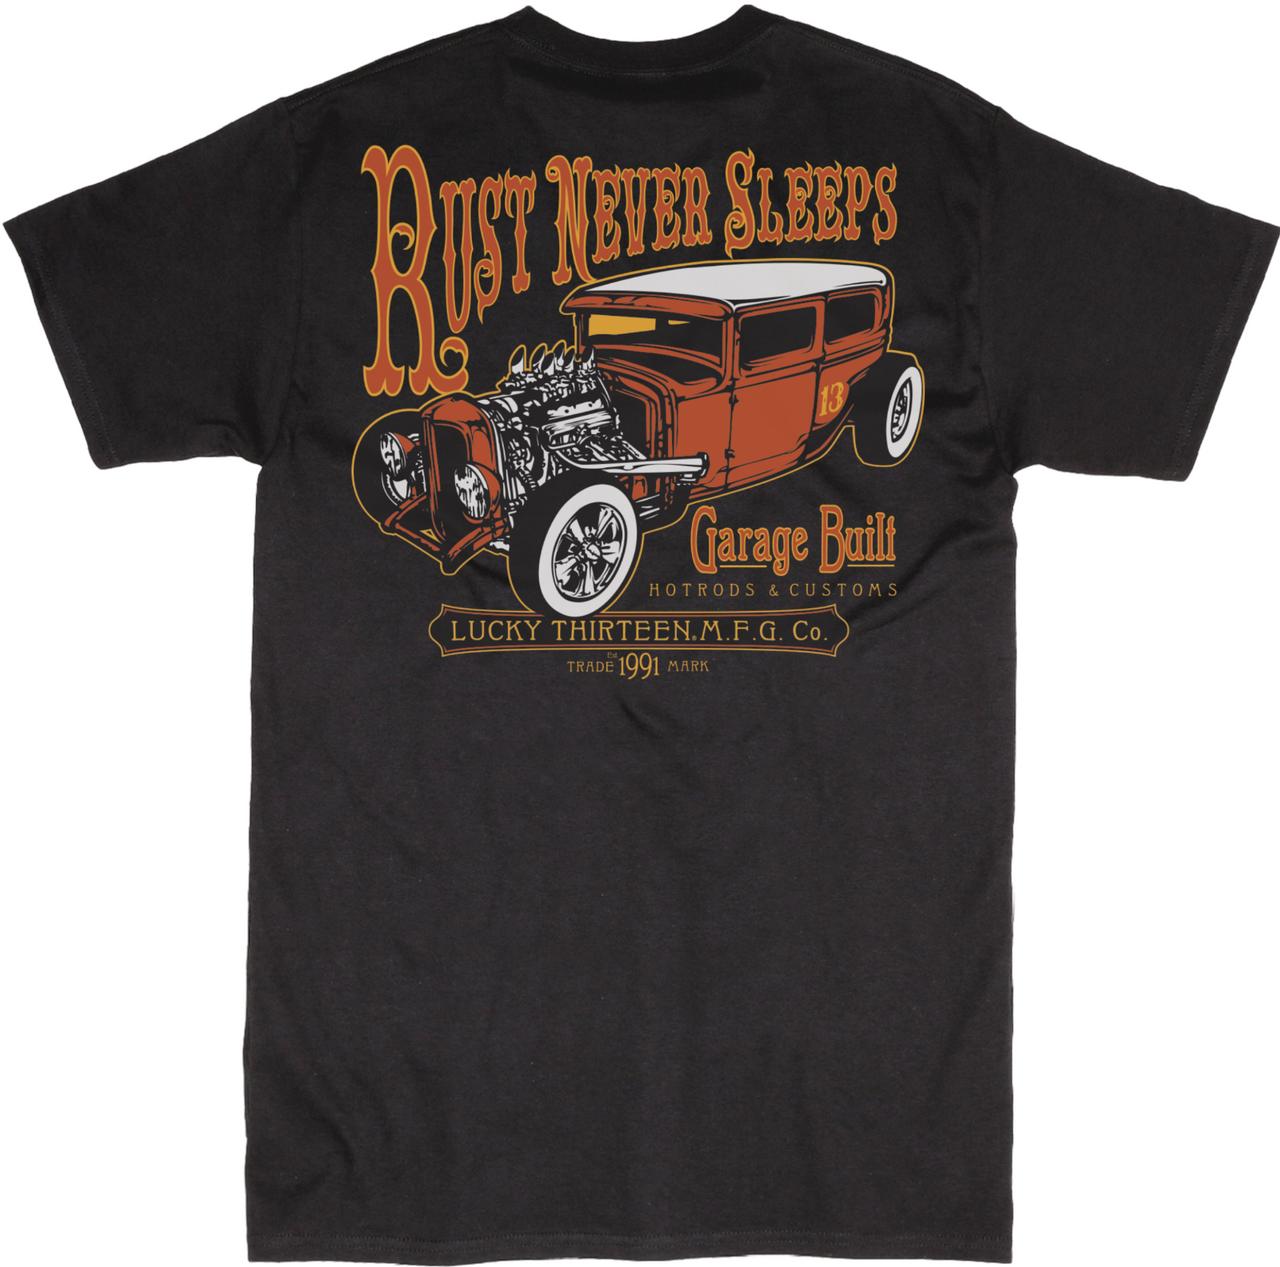 Lucky 13 Rust Never Sleeps Hot Rod Cars Rockabilly Tattoos T Shirt ...